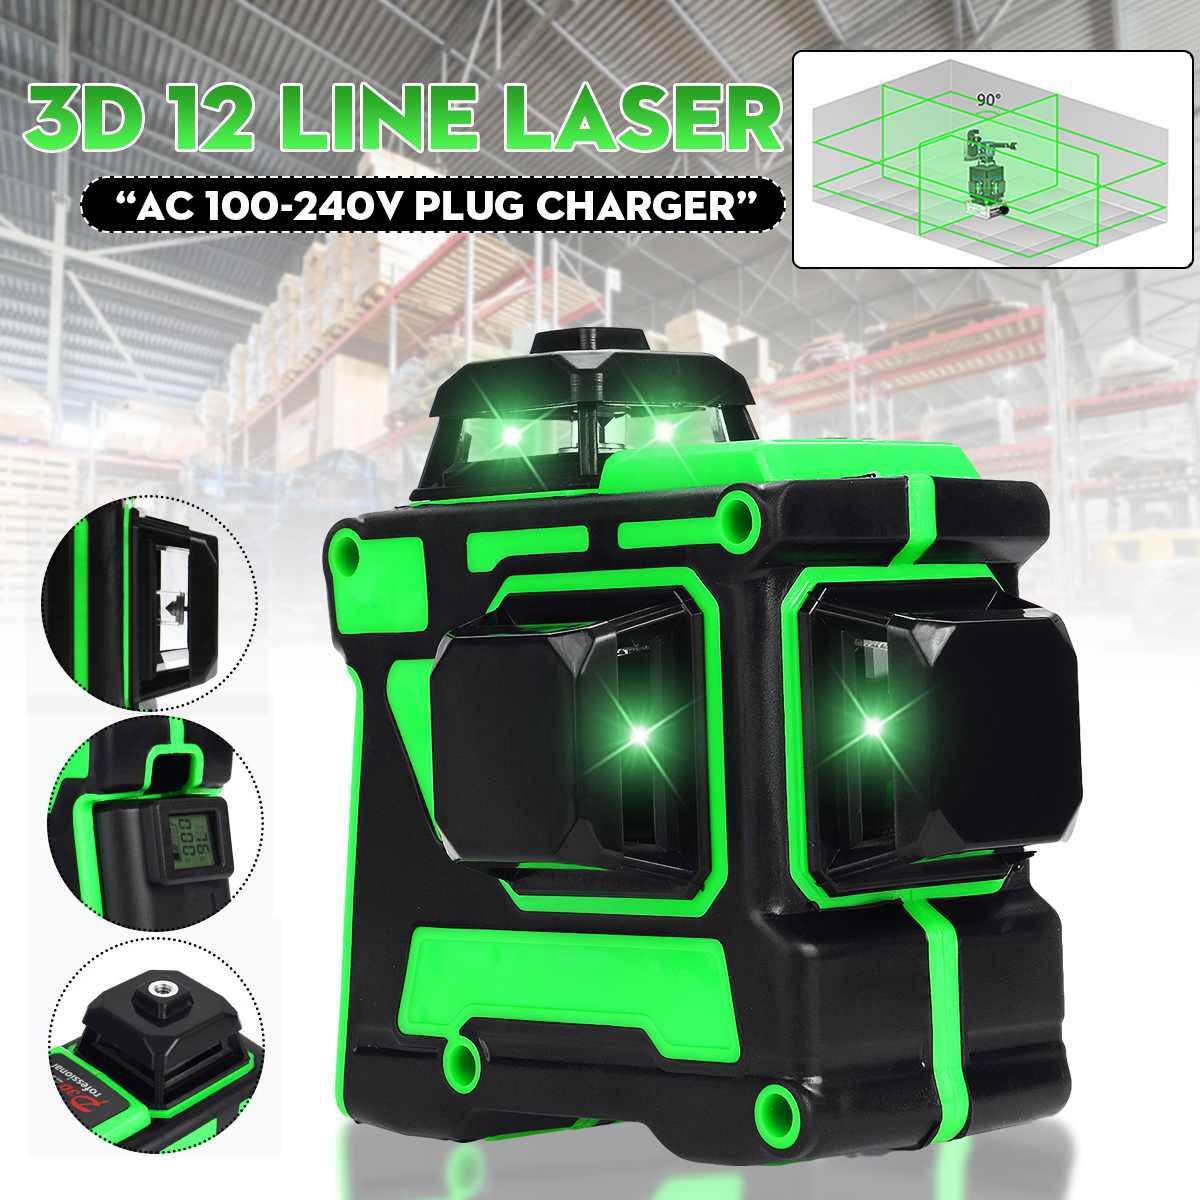 ZEAST ليزر مستوى ثلاثية الأبعاد 12 خطوط قوية الضوء الأخضر شاشة ديجيتال 360 درجة أفقي عمودي الذاتي التسوية نظام قياس أدوات